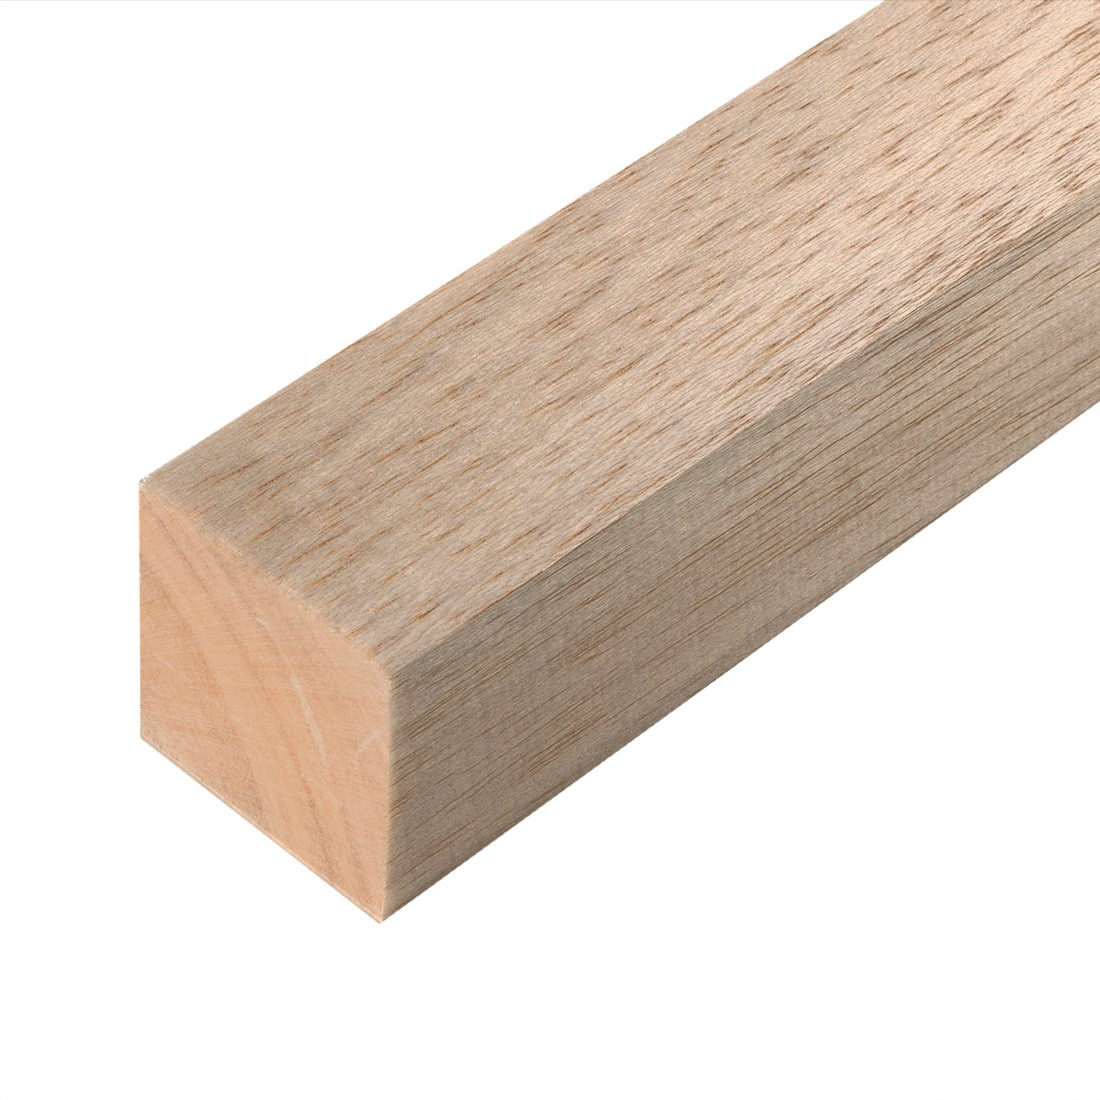 Balsa blocks mm.50x50x350